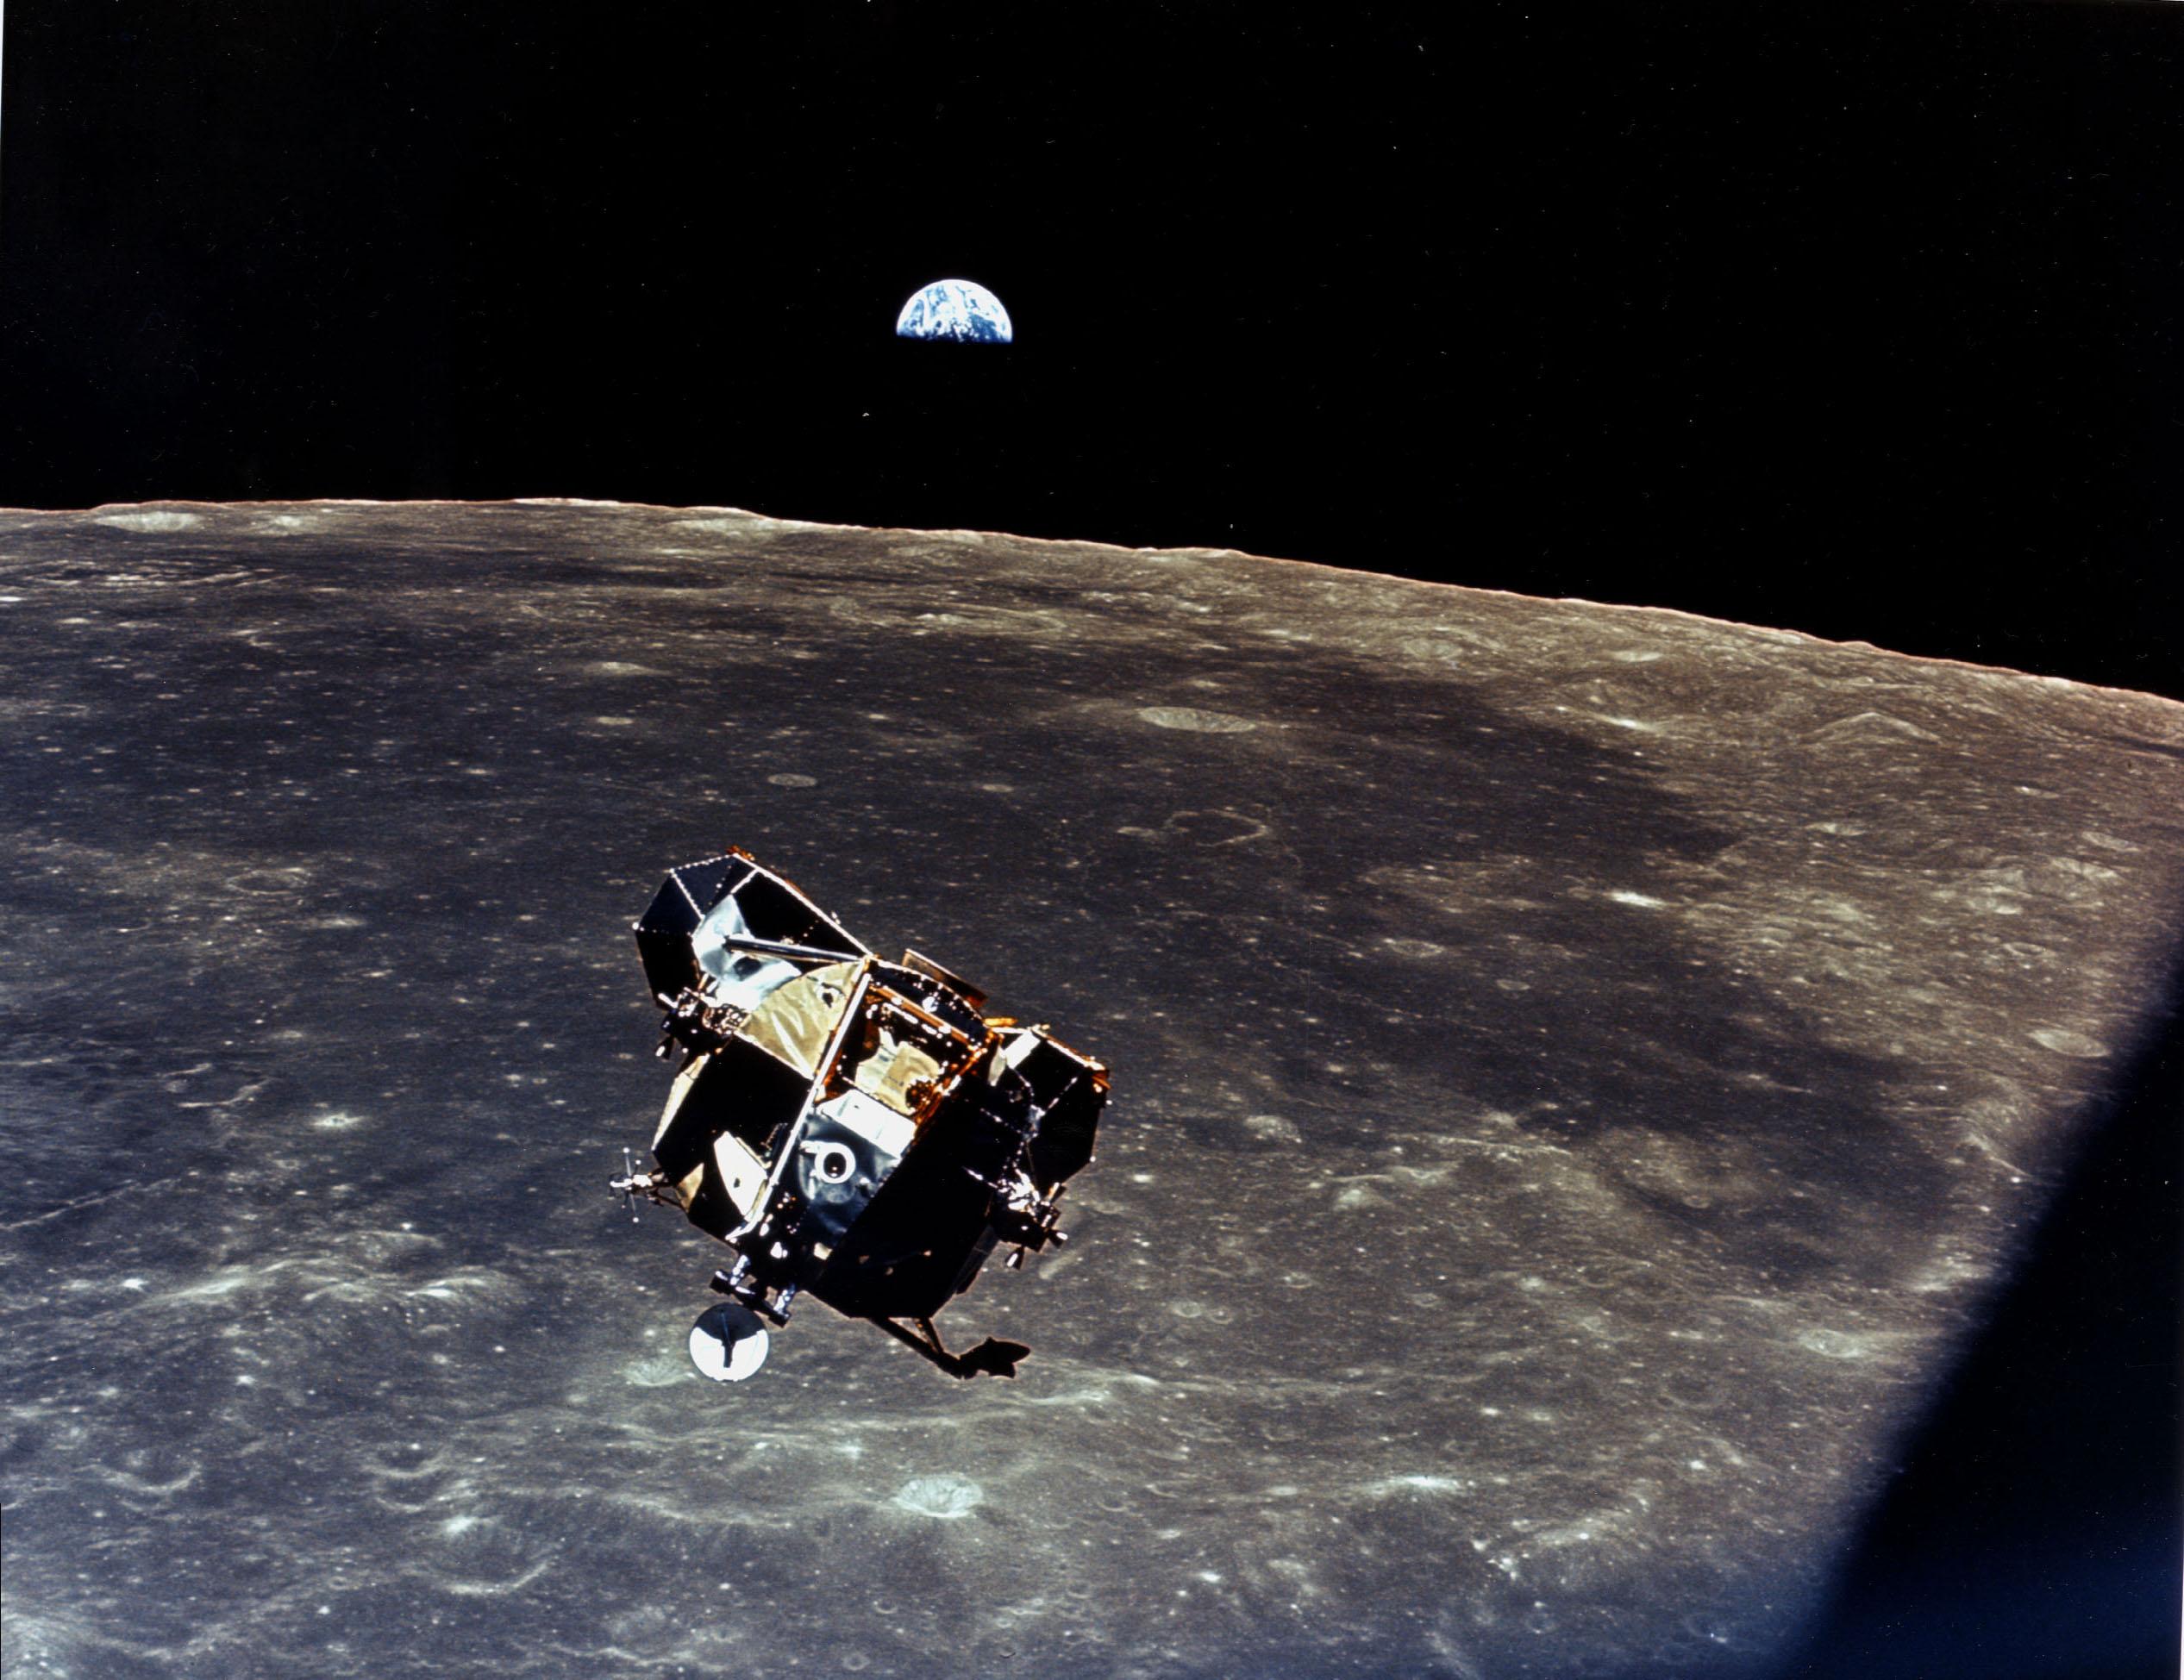 Sci Fi NASA Space 2533x1949